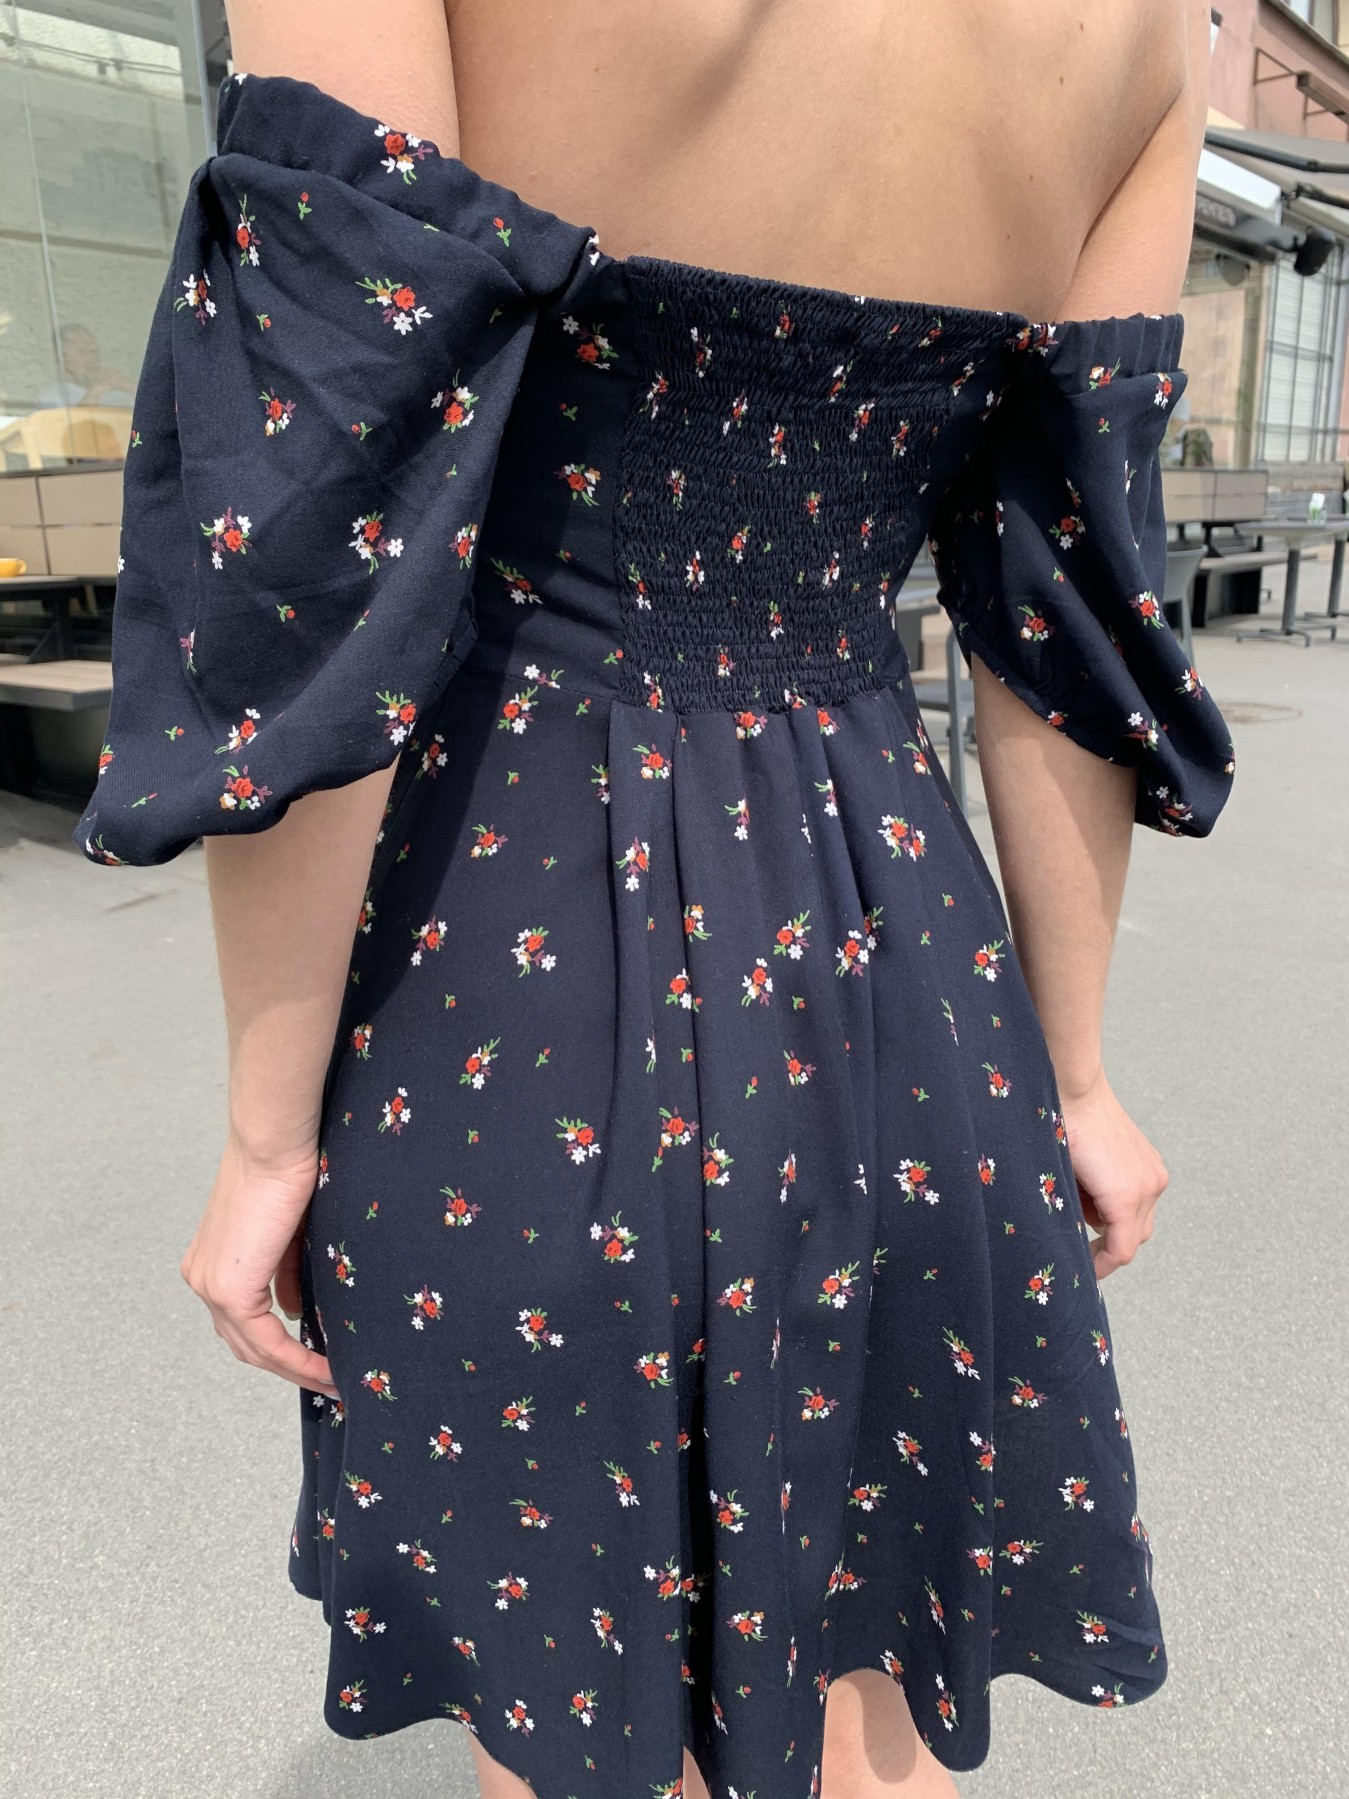 Кисес мини платье c коротким рукавом из штапеля в  принт 11280 АРТ. 47815 Цвет: ЦветБукетМелТ.син/красн - фото 8, интернет магазин tm-modus.ru